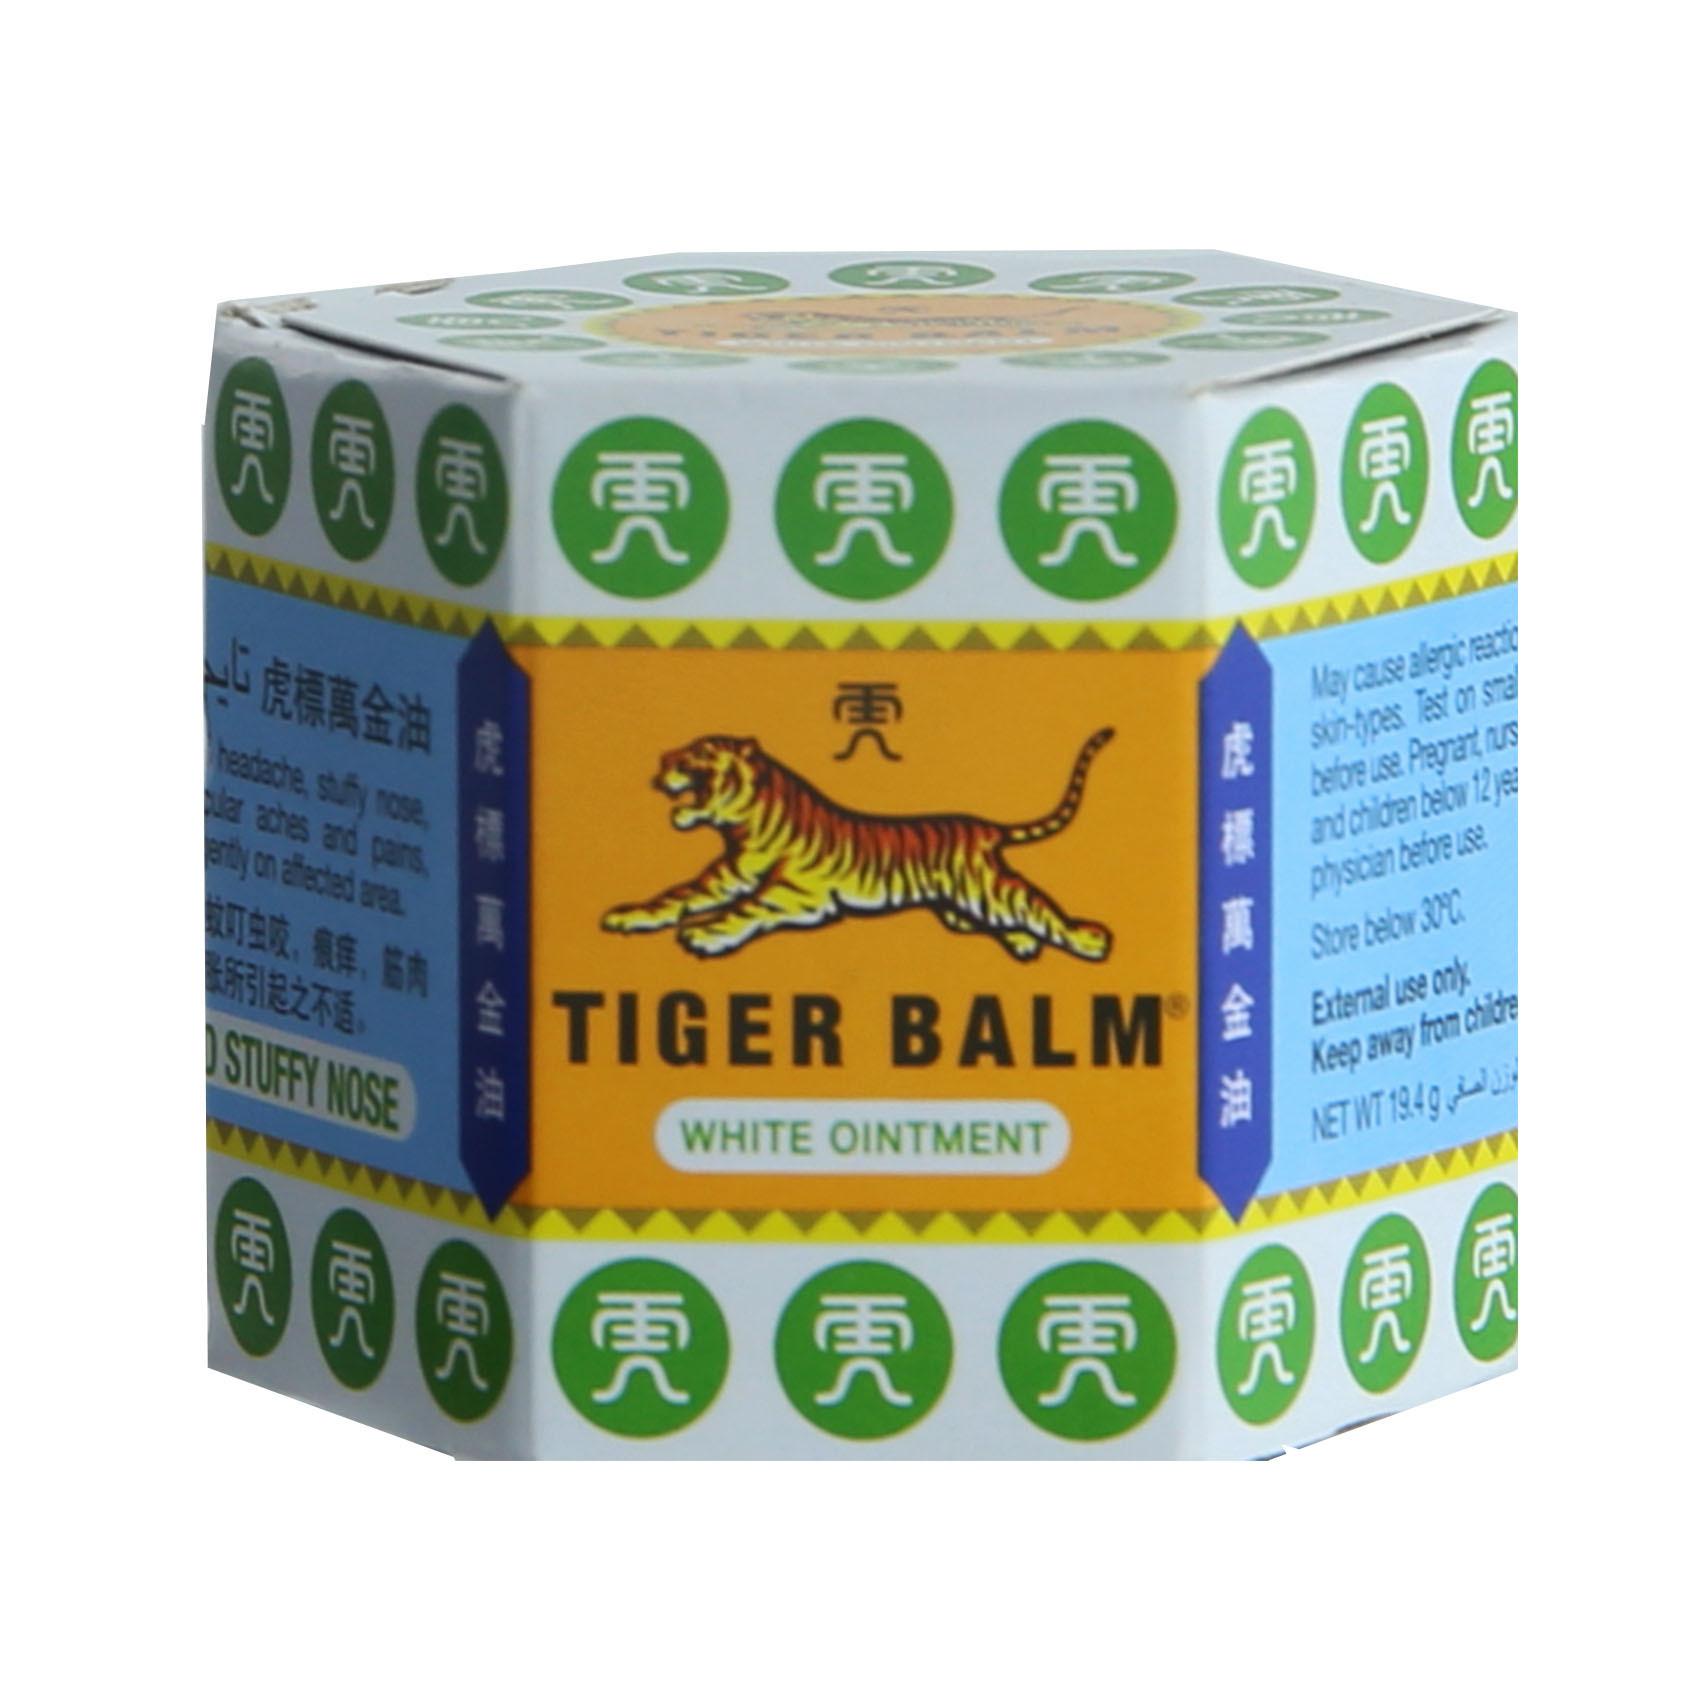 TIGER BALM WHITE 19.4 G